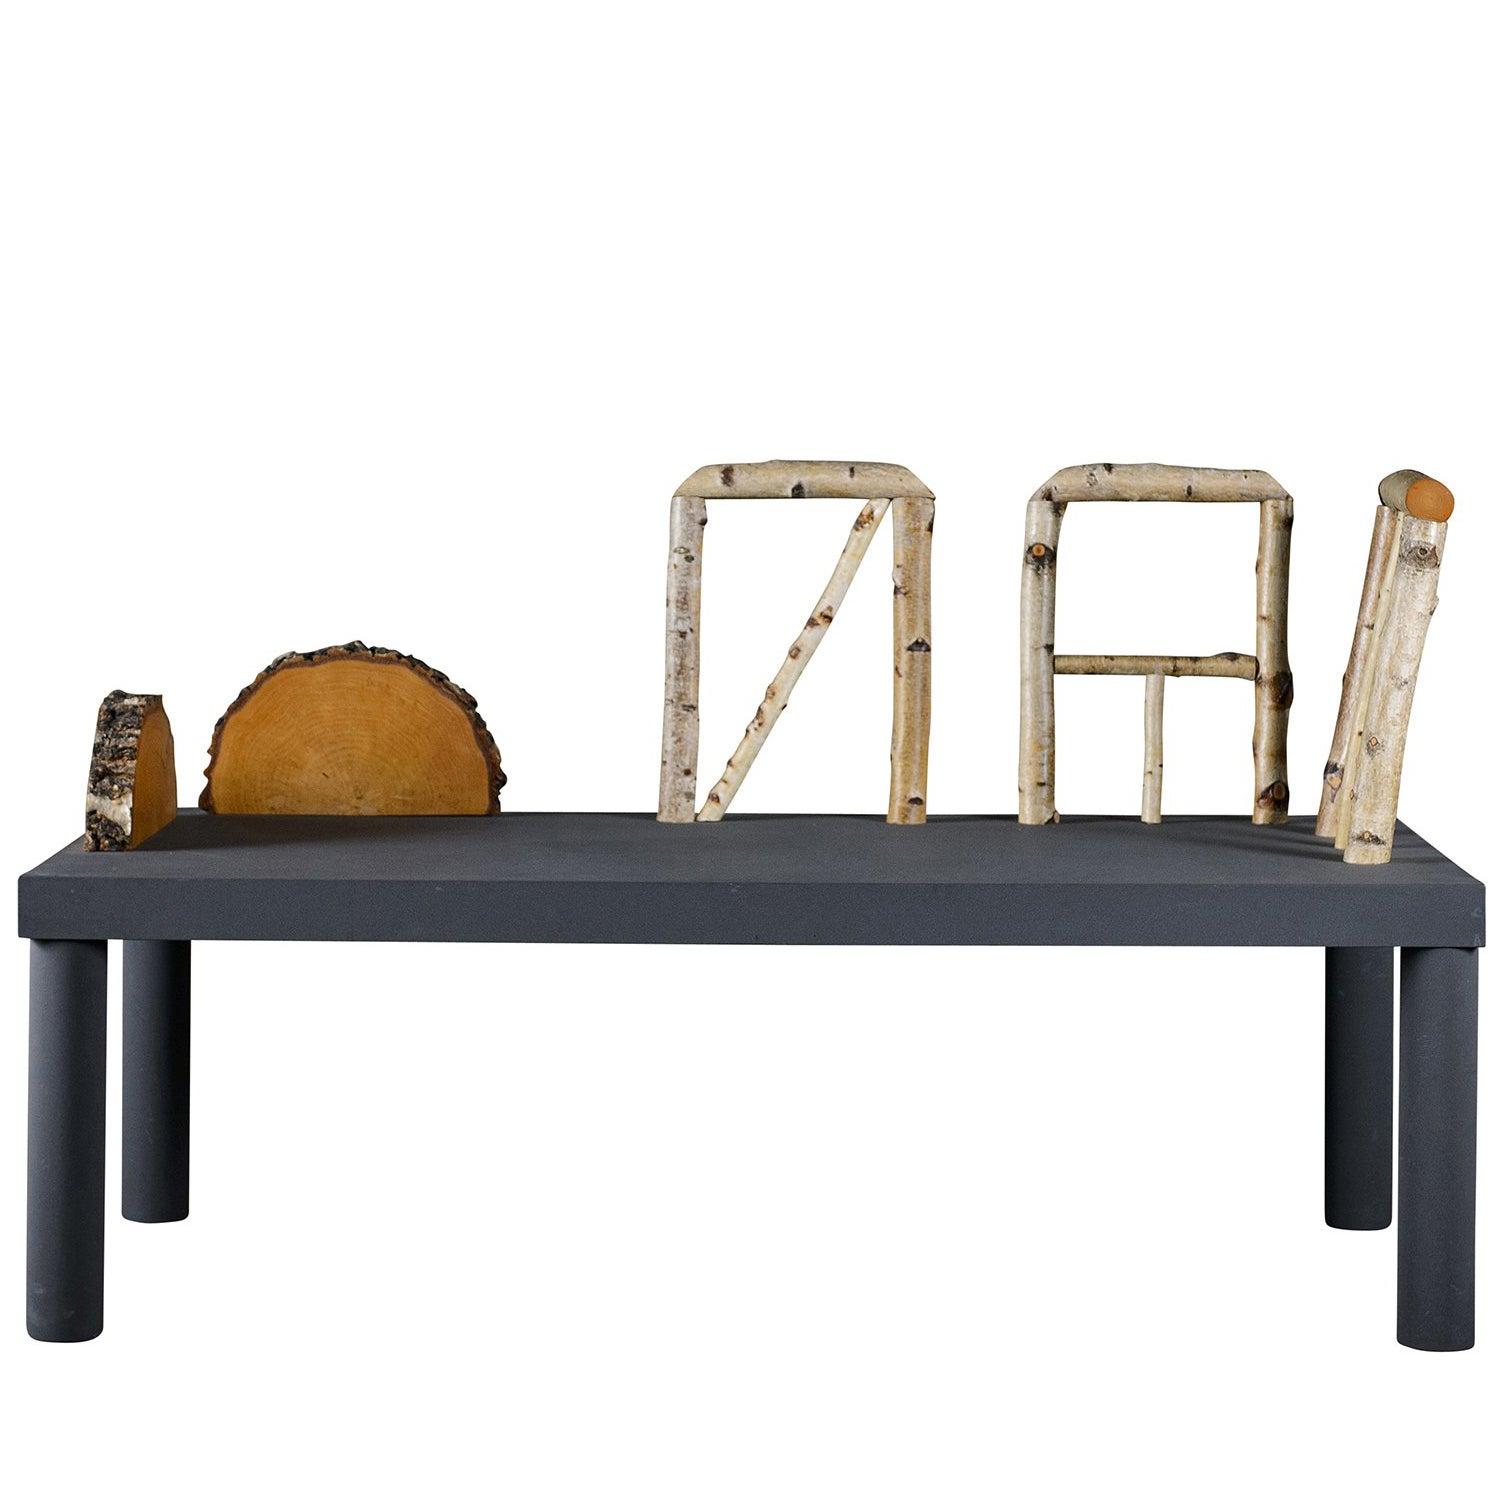 Andrea Branzi 'Animali Domestici' Bench